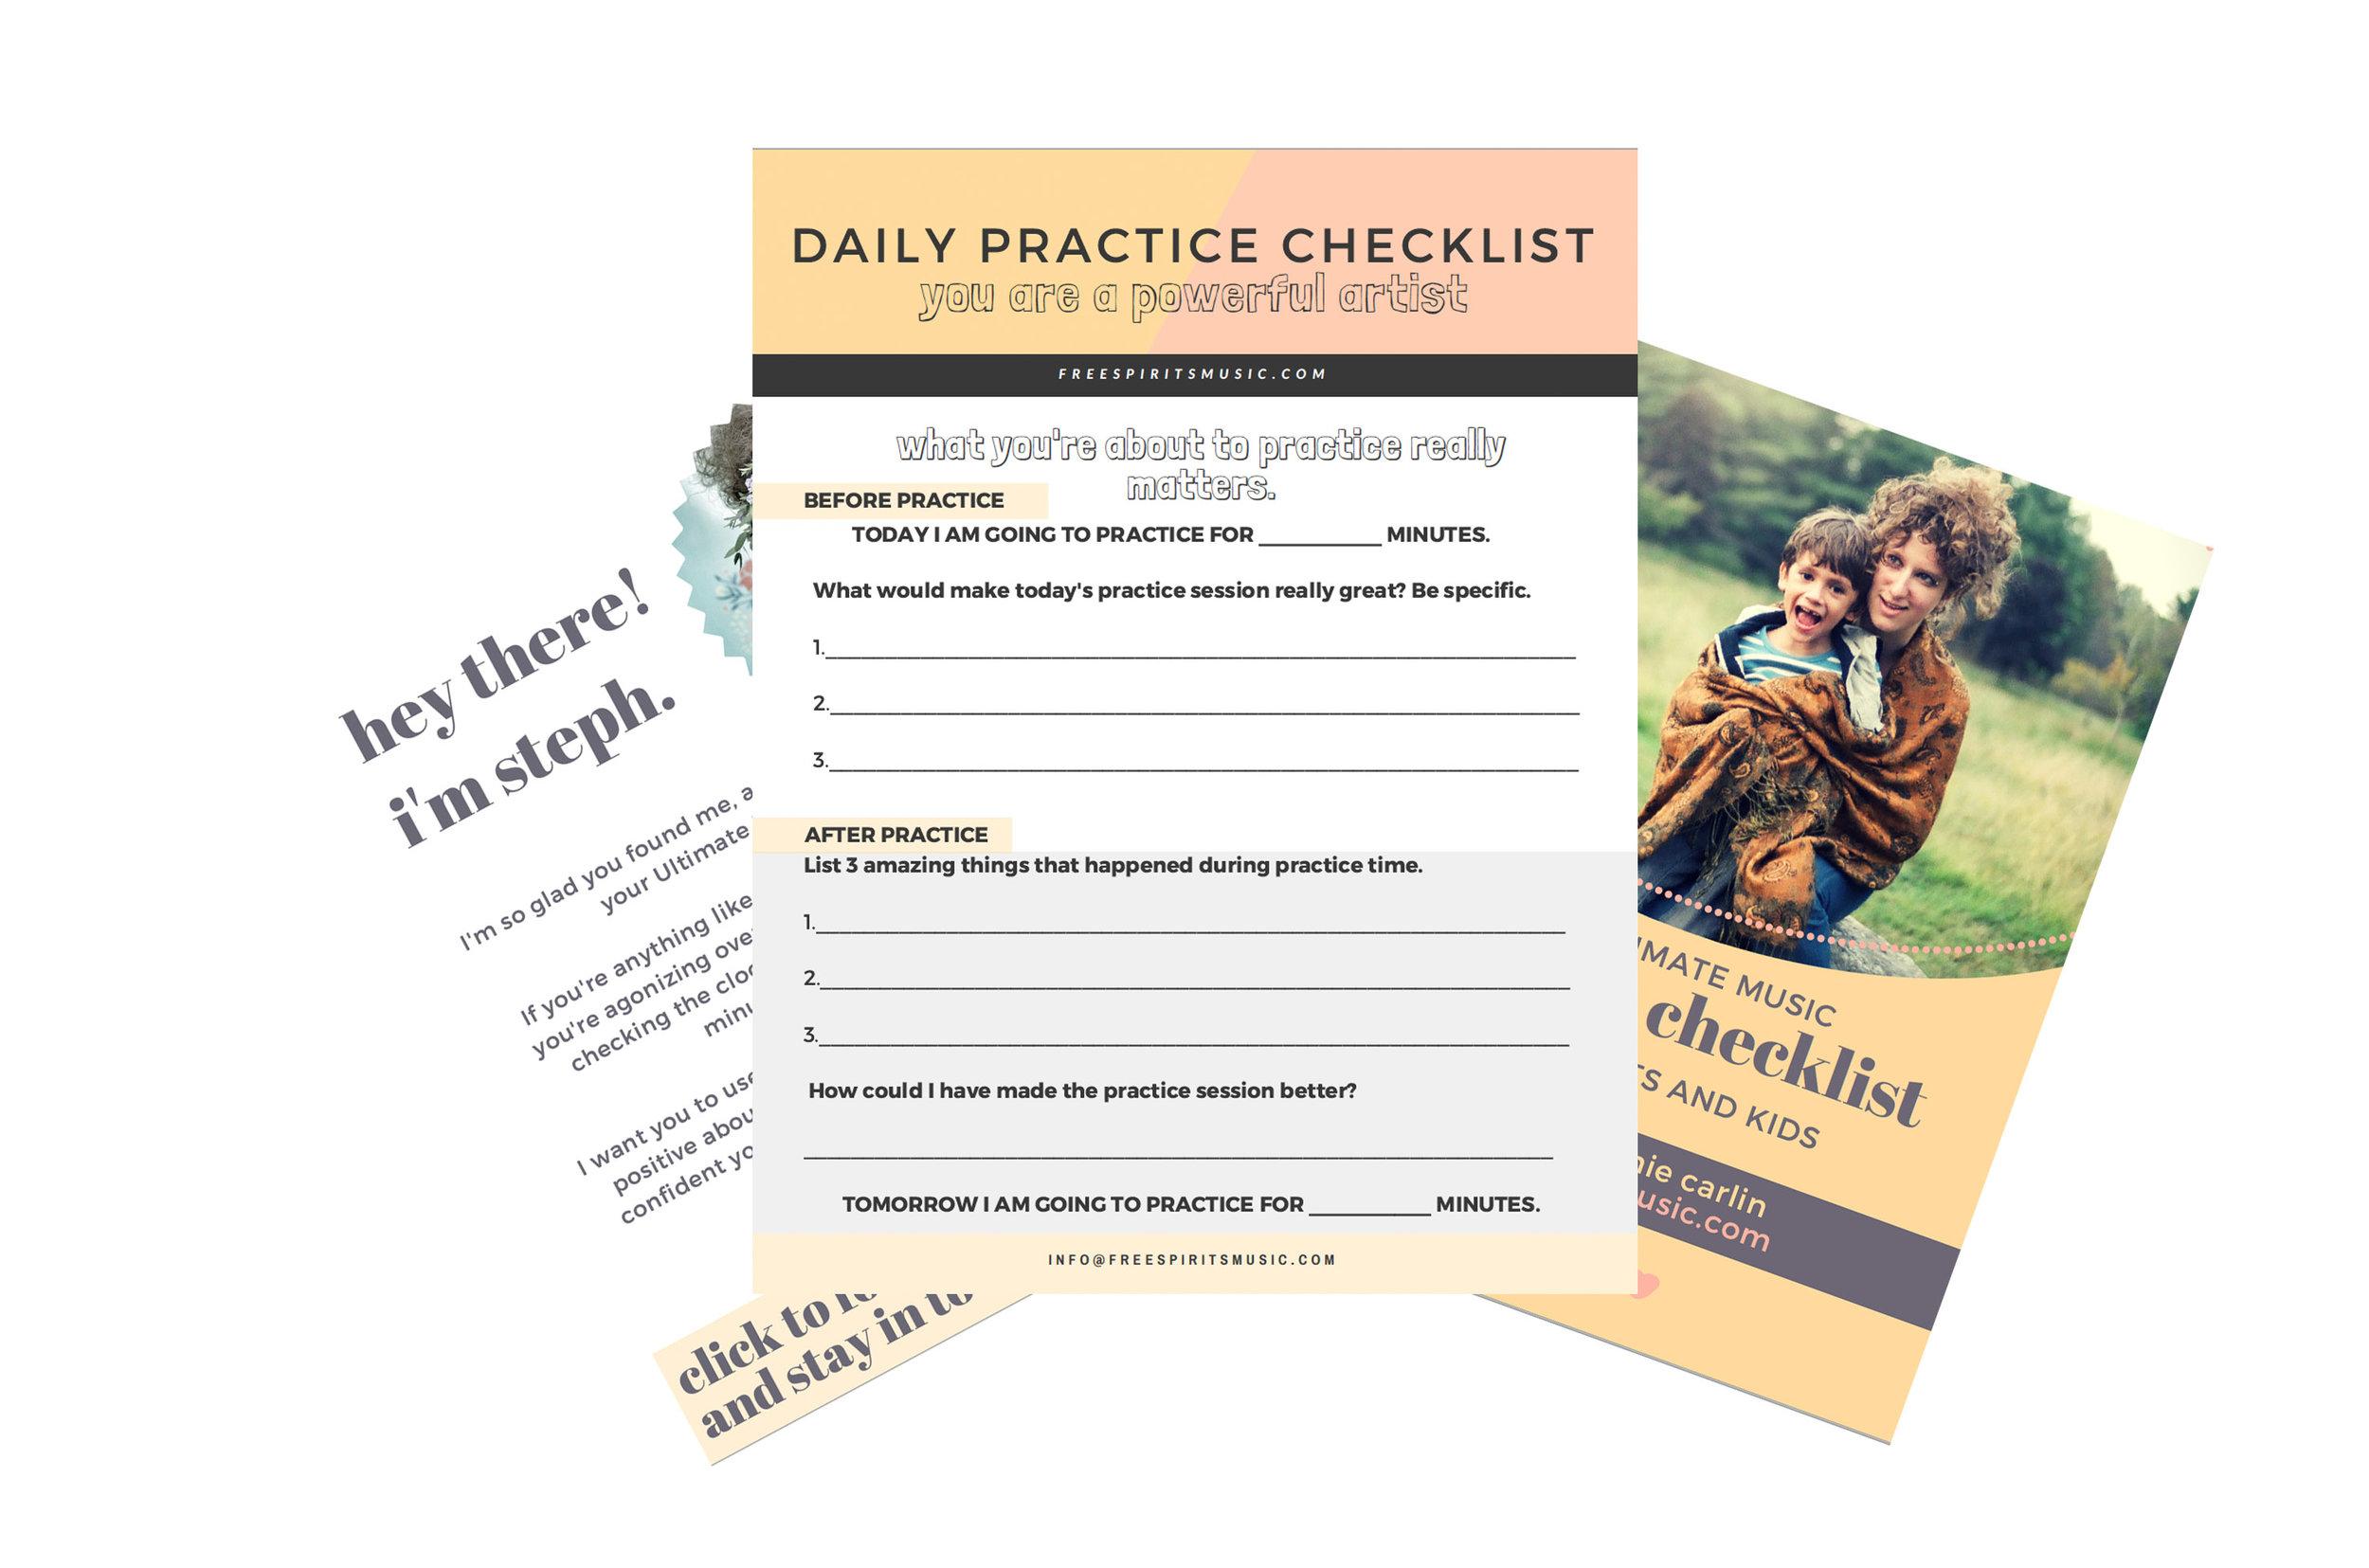 checklist mockup.jpg